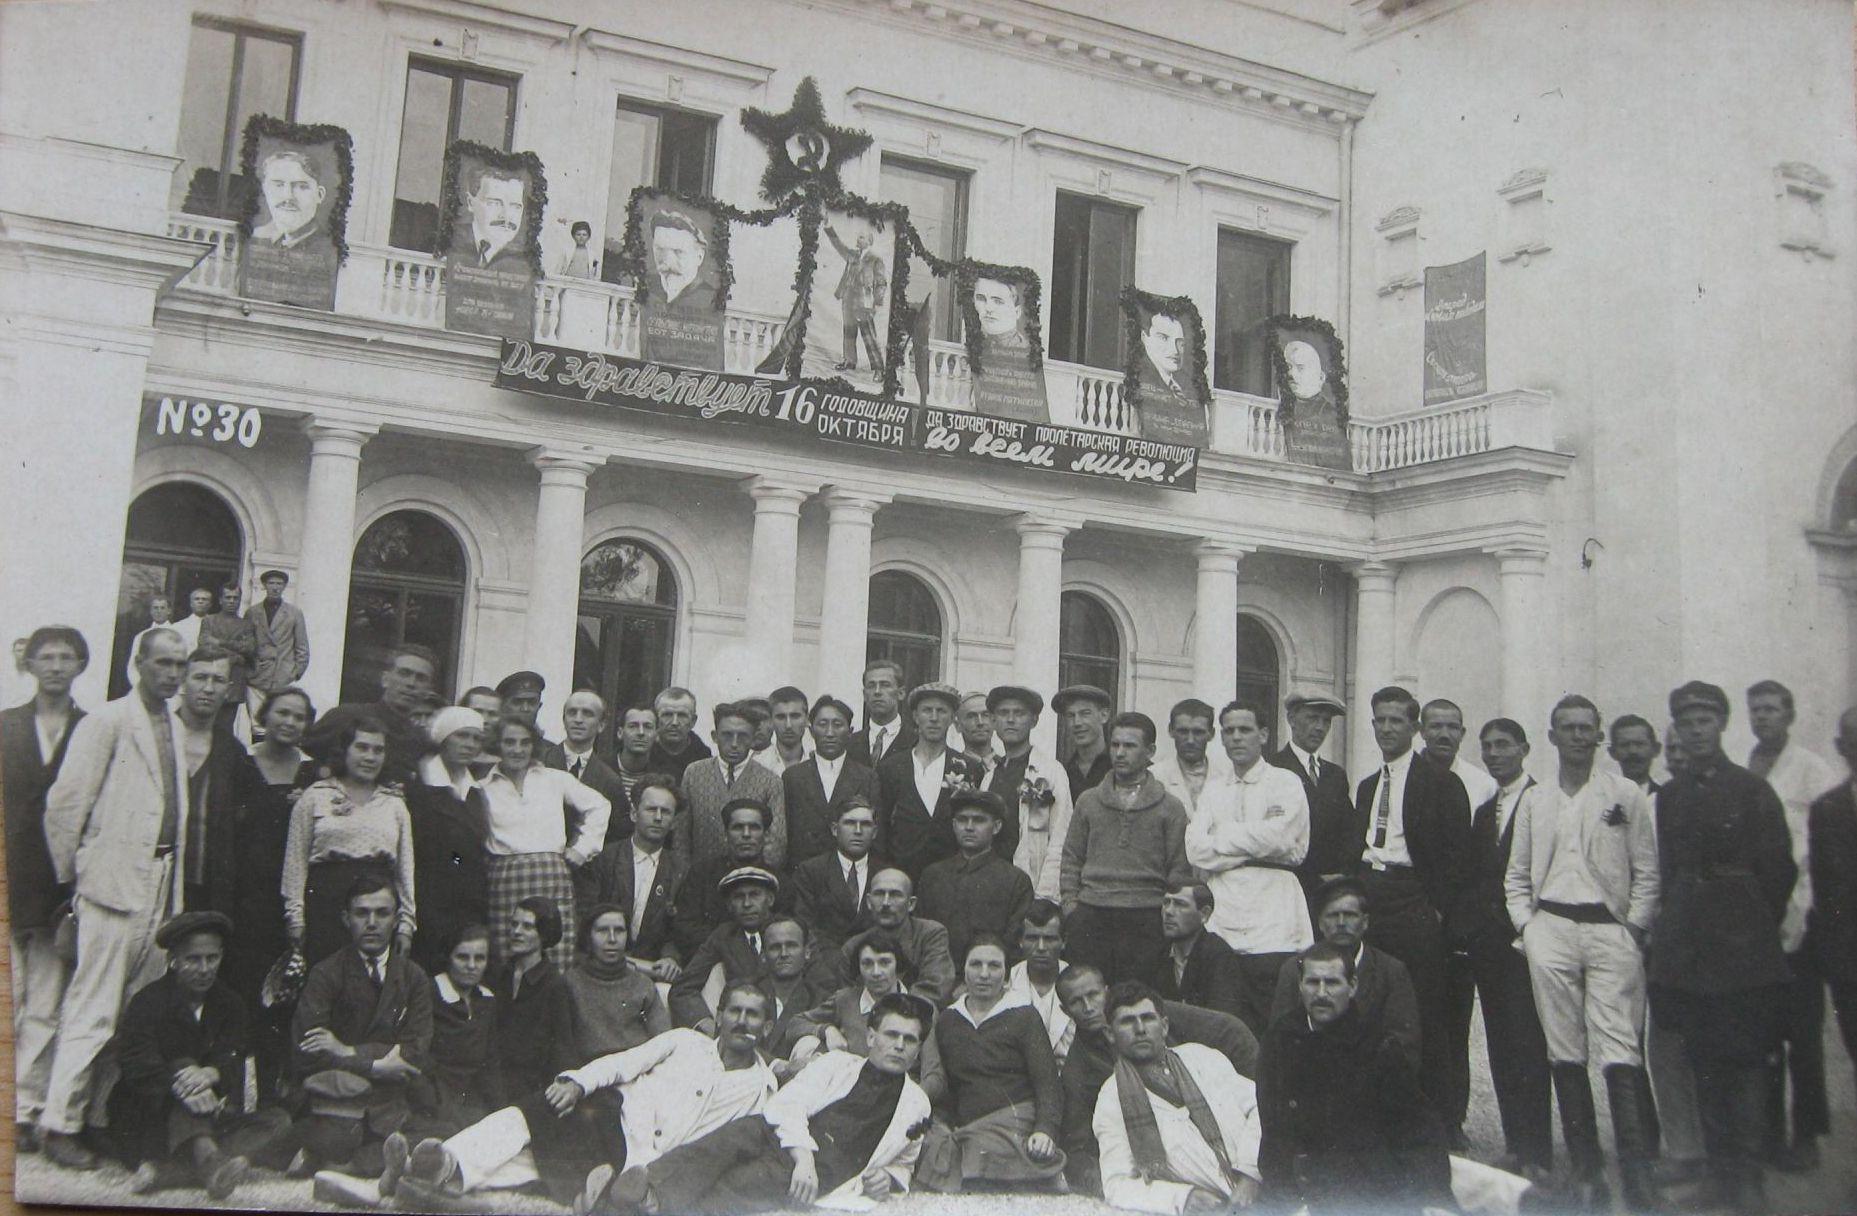 1933. Сотрудники НКВД на отдыхе празднуют 16 годовщину Октября